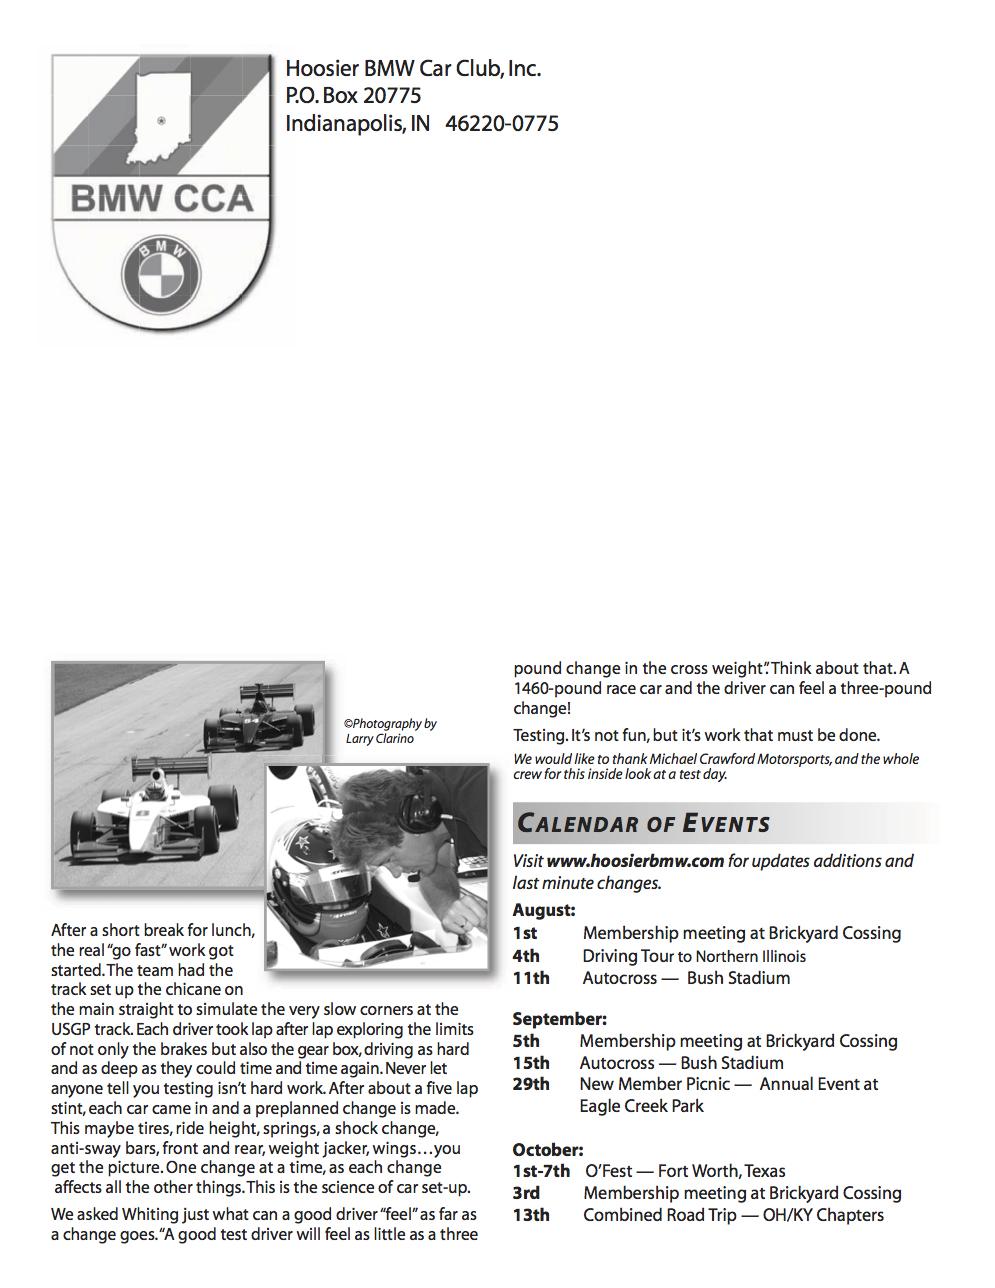 Hoosier BMW Newsletter